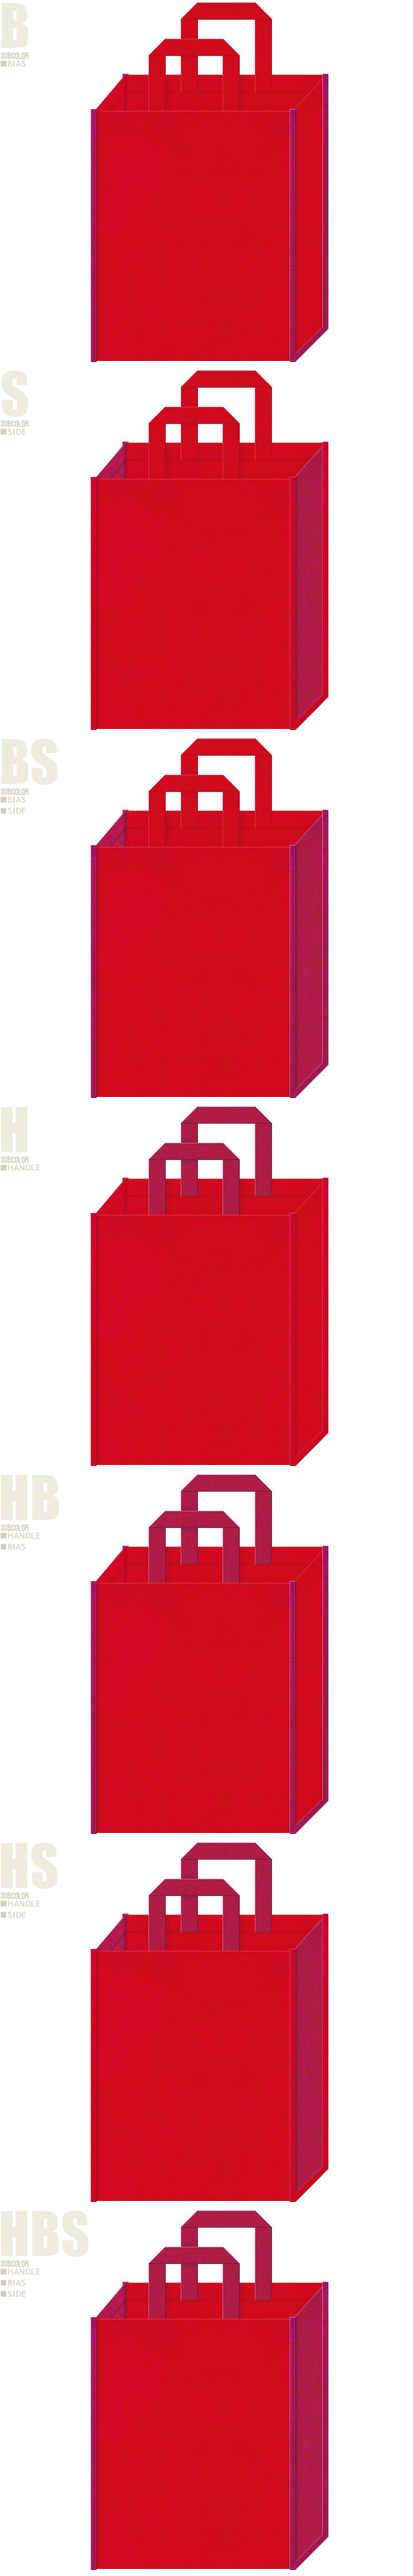 舞妓・和傘・邦楽演奏会・和風催事・絢爛・花魁・ゲームの展示会用バッグにお奨めの不織布バッグデザイン:紅色と濃いピンク色の配色7パターン